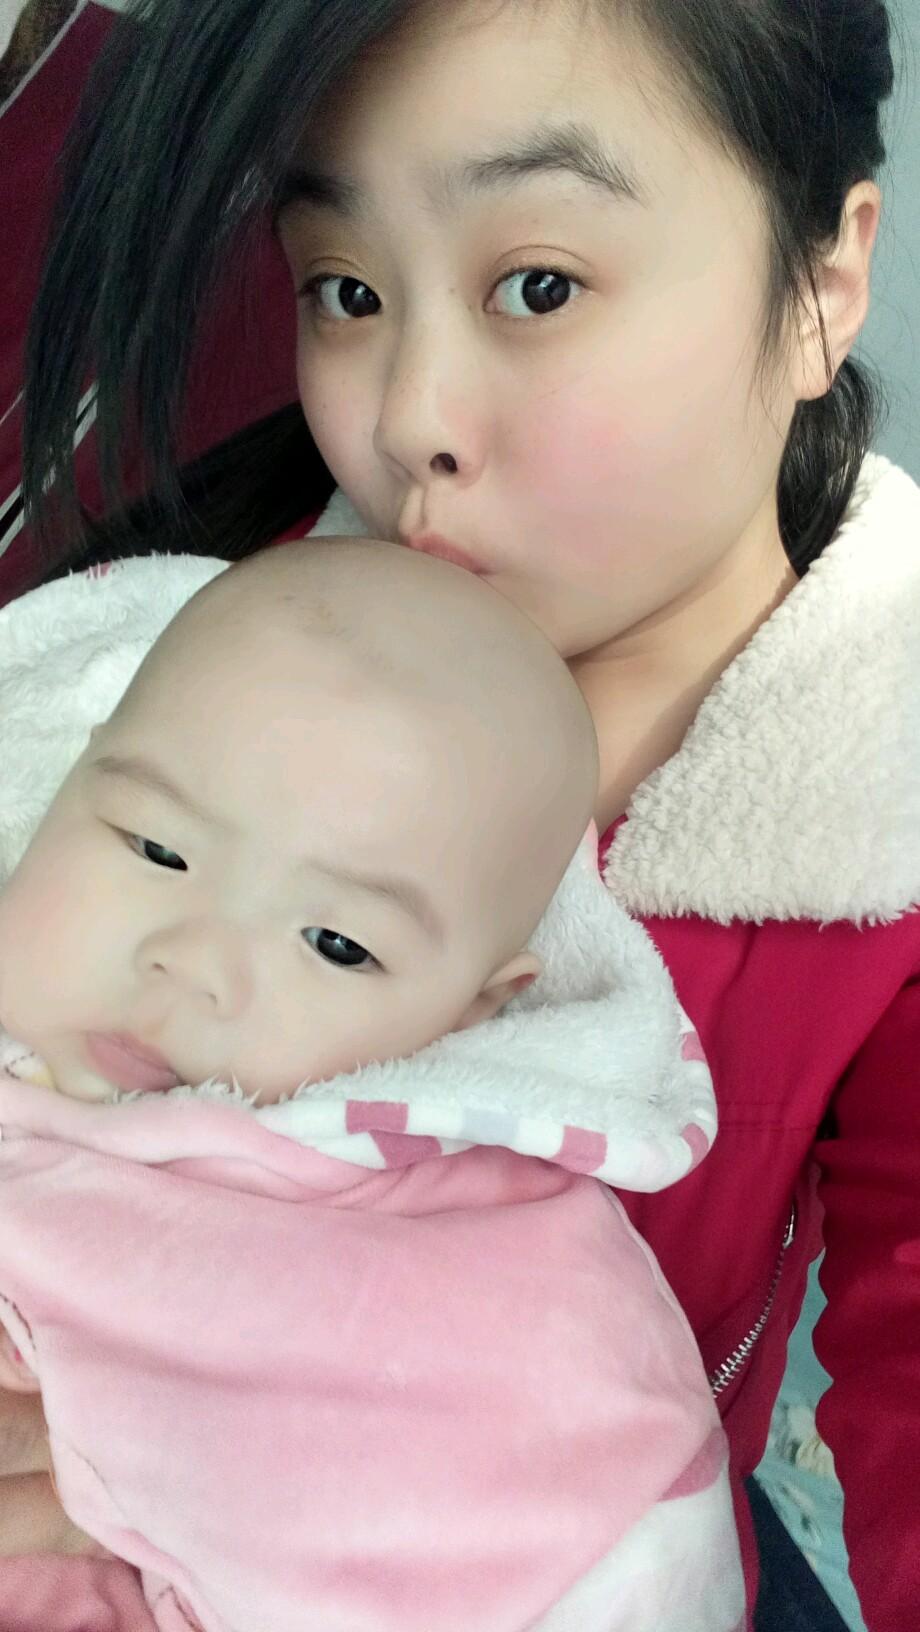 宝宝五个月,能吃什么辅食?